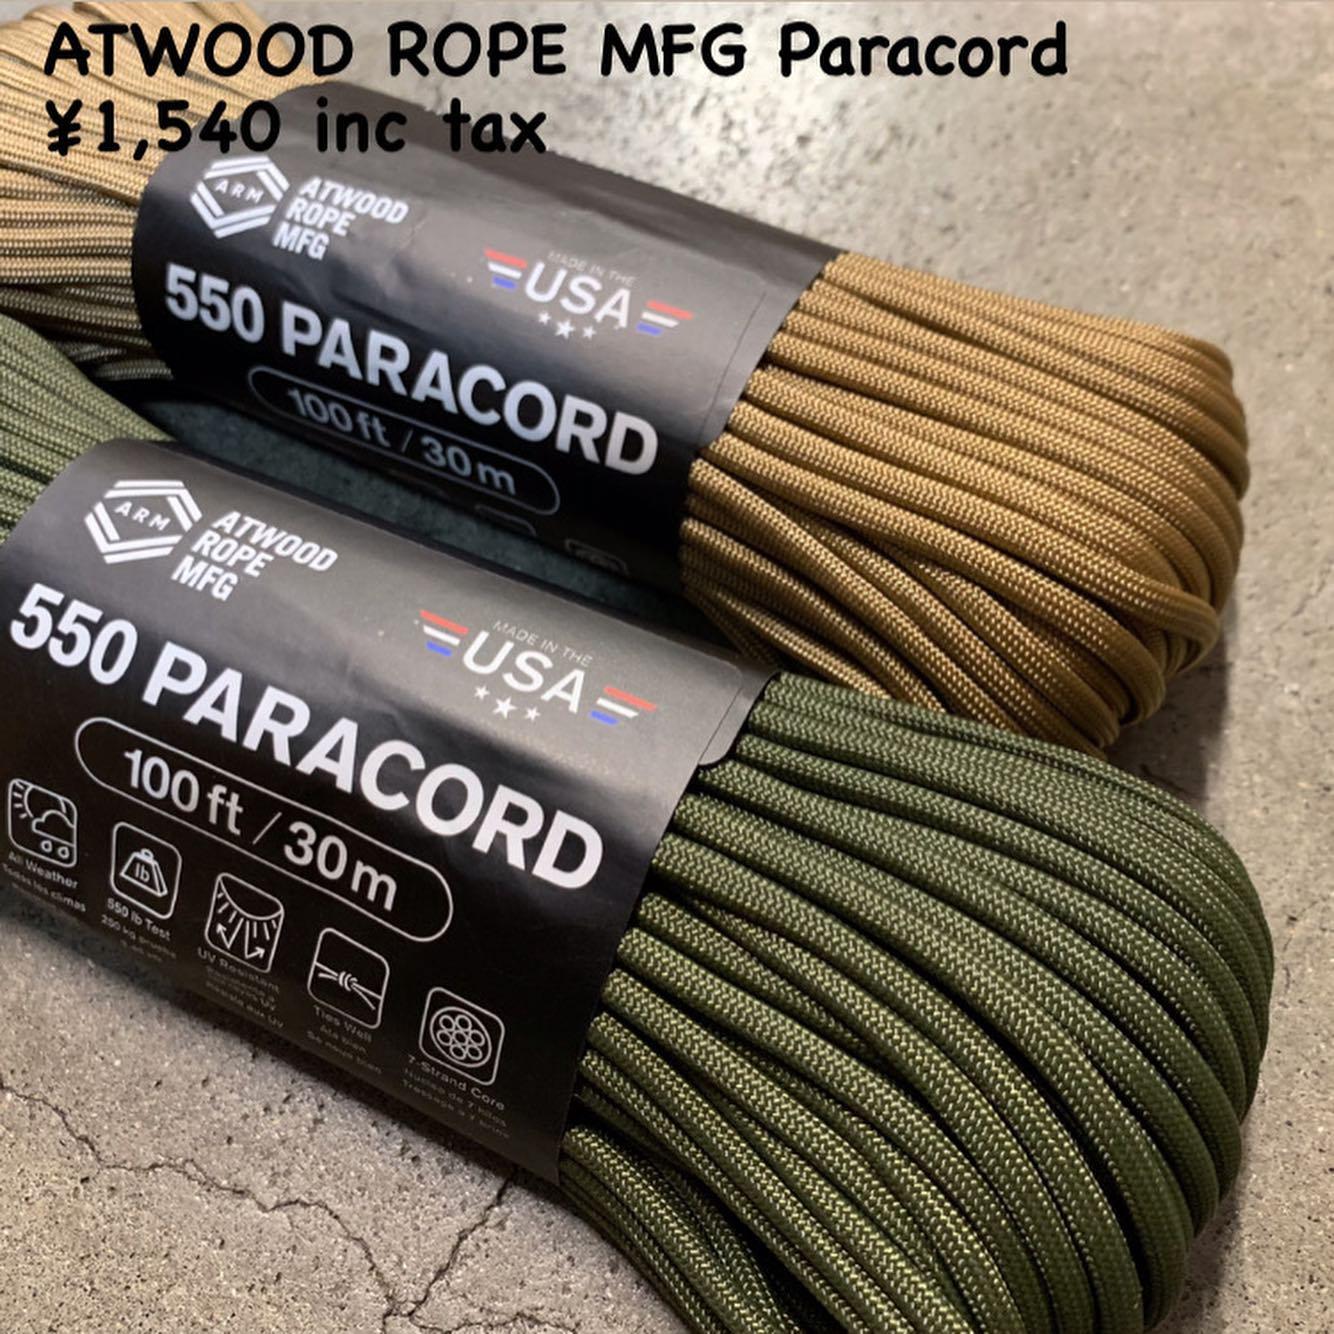 ロープ専門メーカーだからこその強度と信頼『ATWOOD ROPE MFG パラコード ソリッド』のご紹介